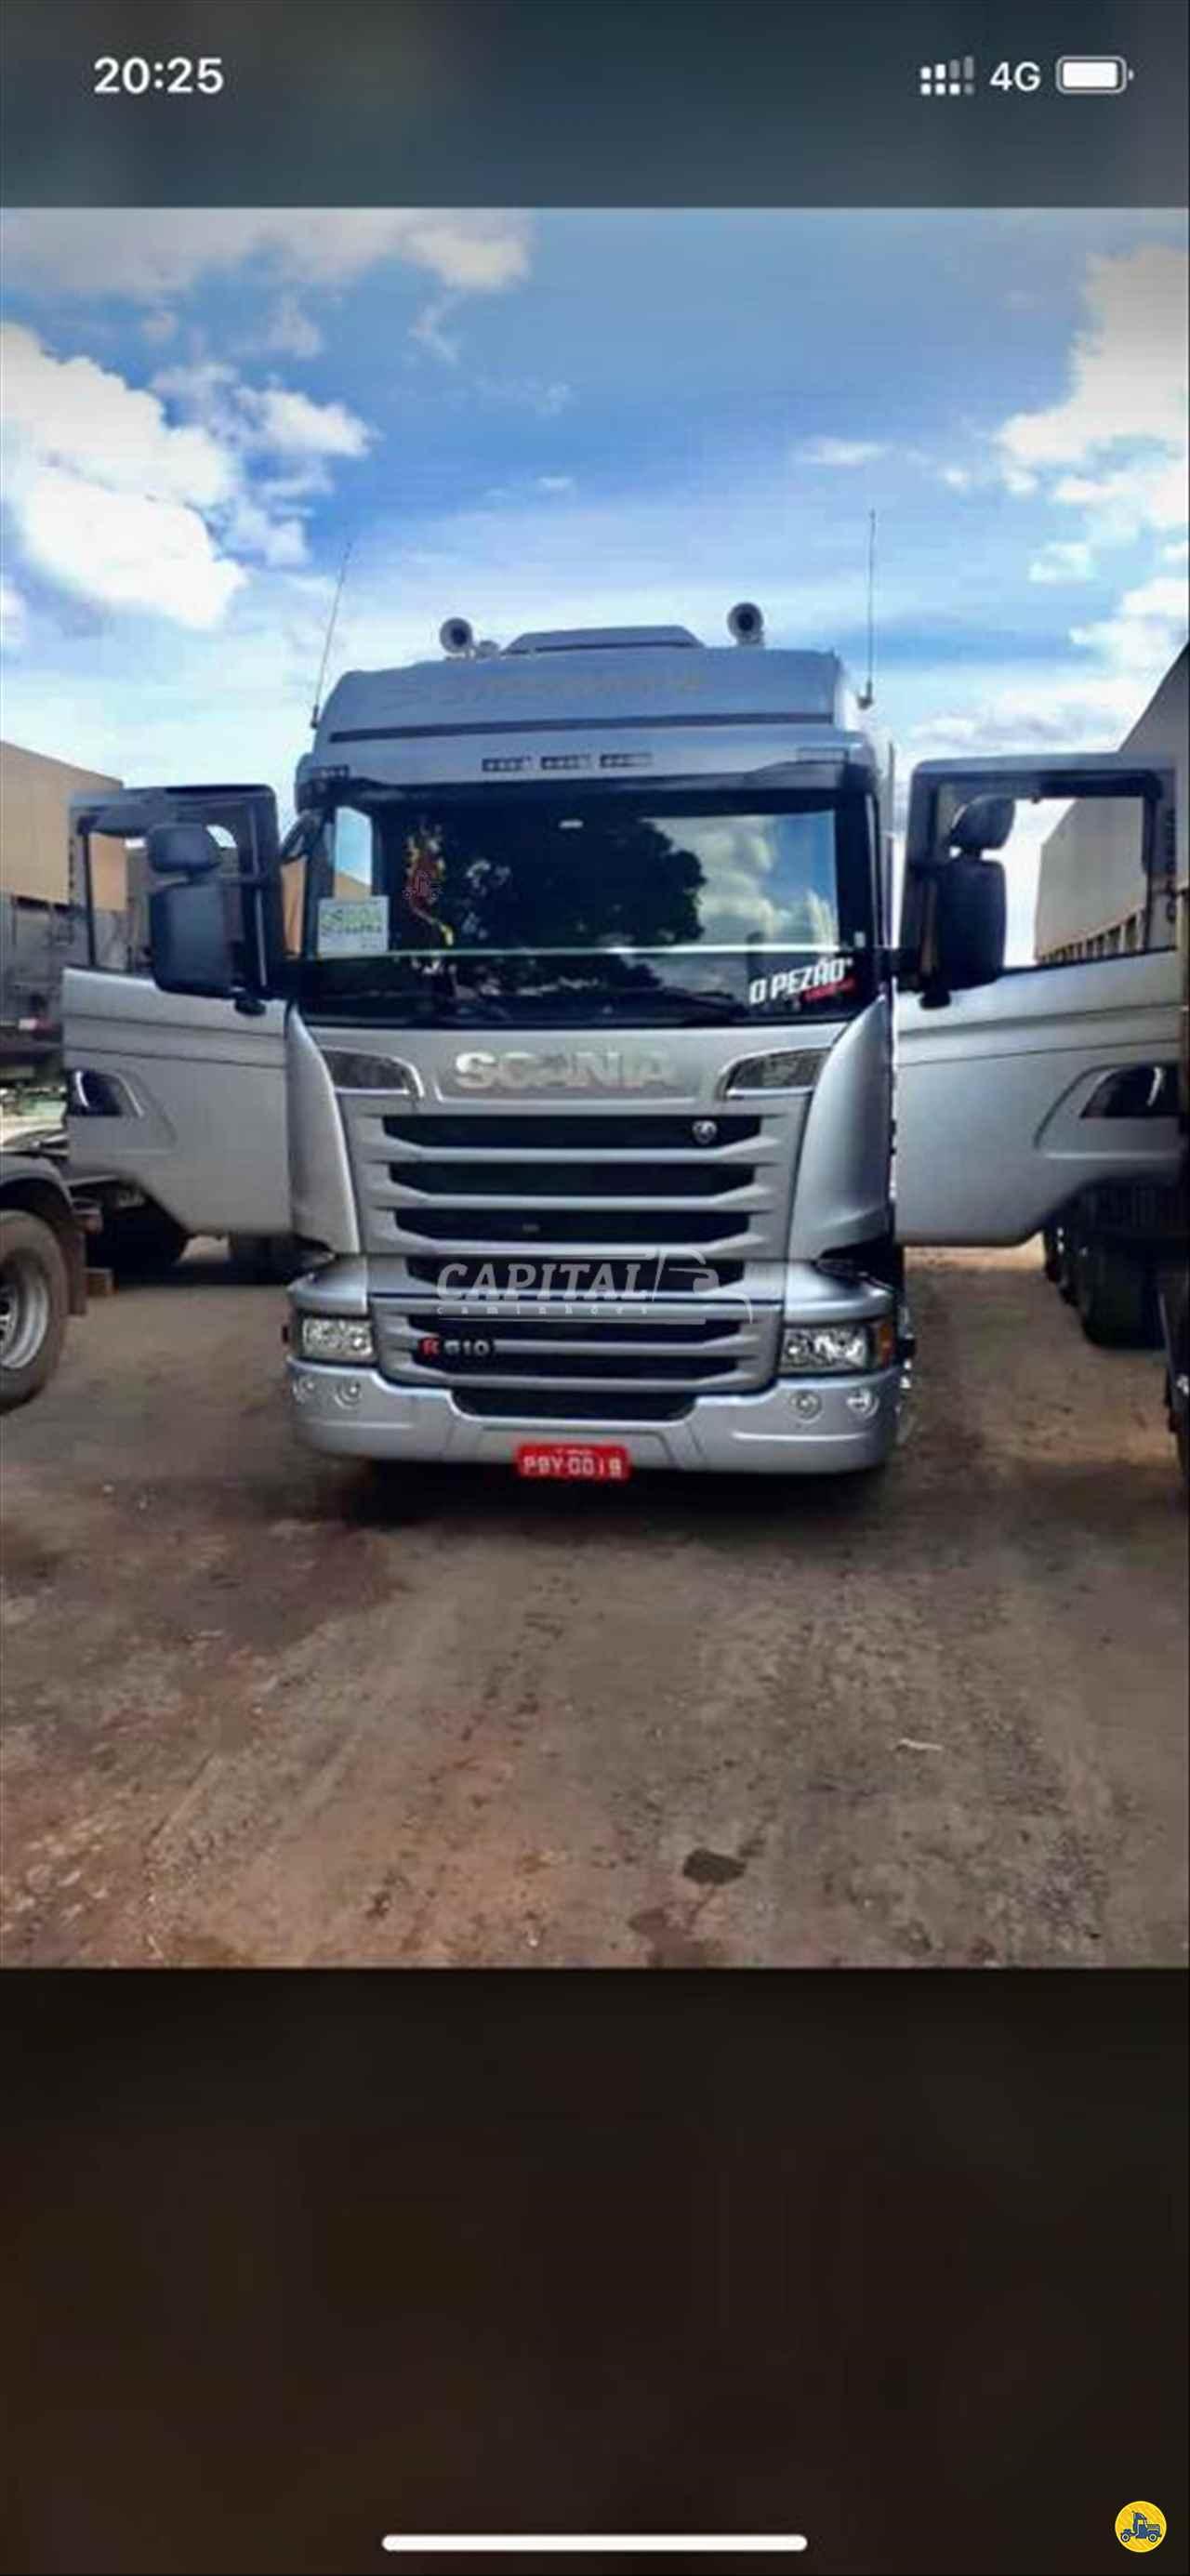 CAMINHAO SCANIA SCANIA 510 Capital Caminhões - Metalesp e Recrusul  BRASILIA DISTRITO FEDERAL DF